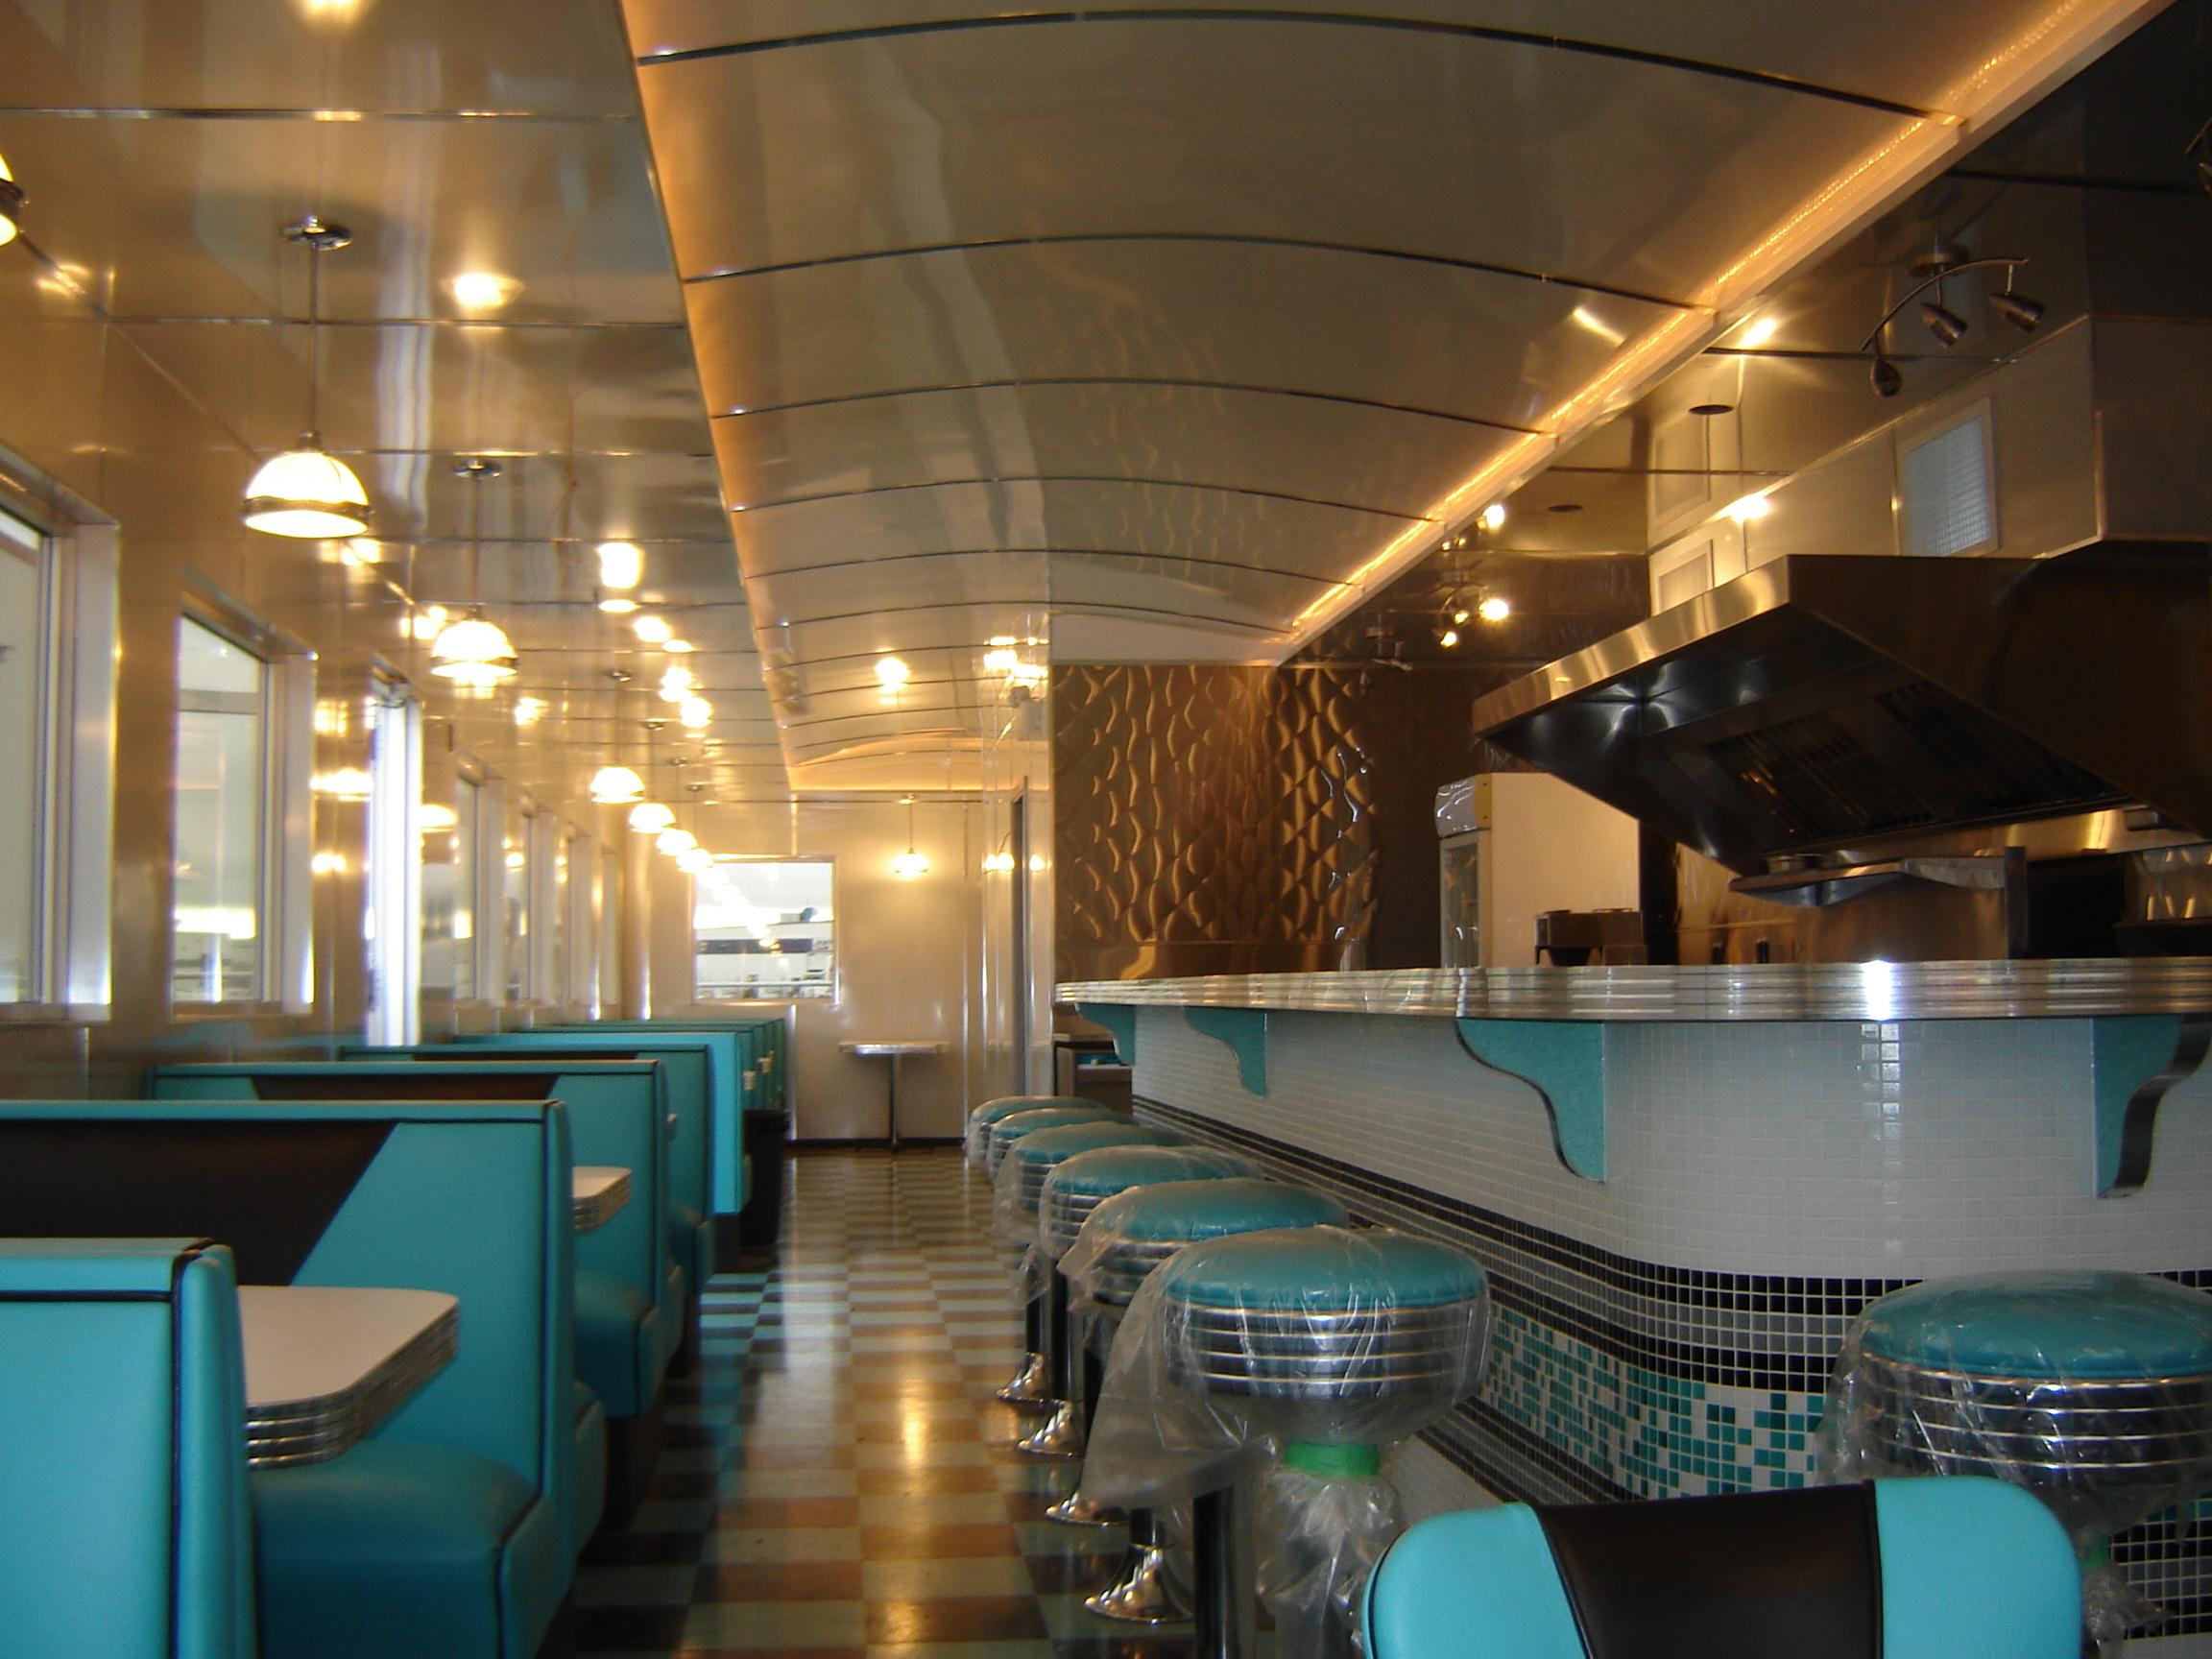 Queen's Diner - Alberta, Canada